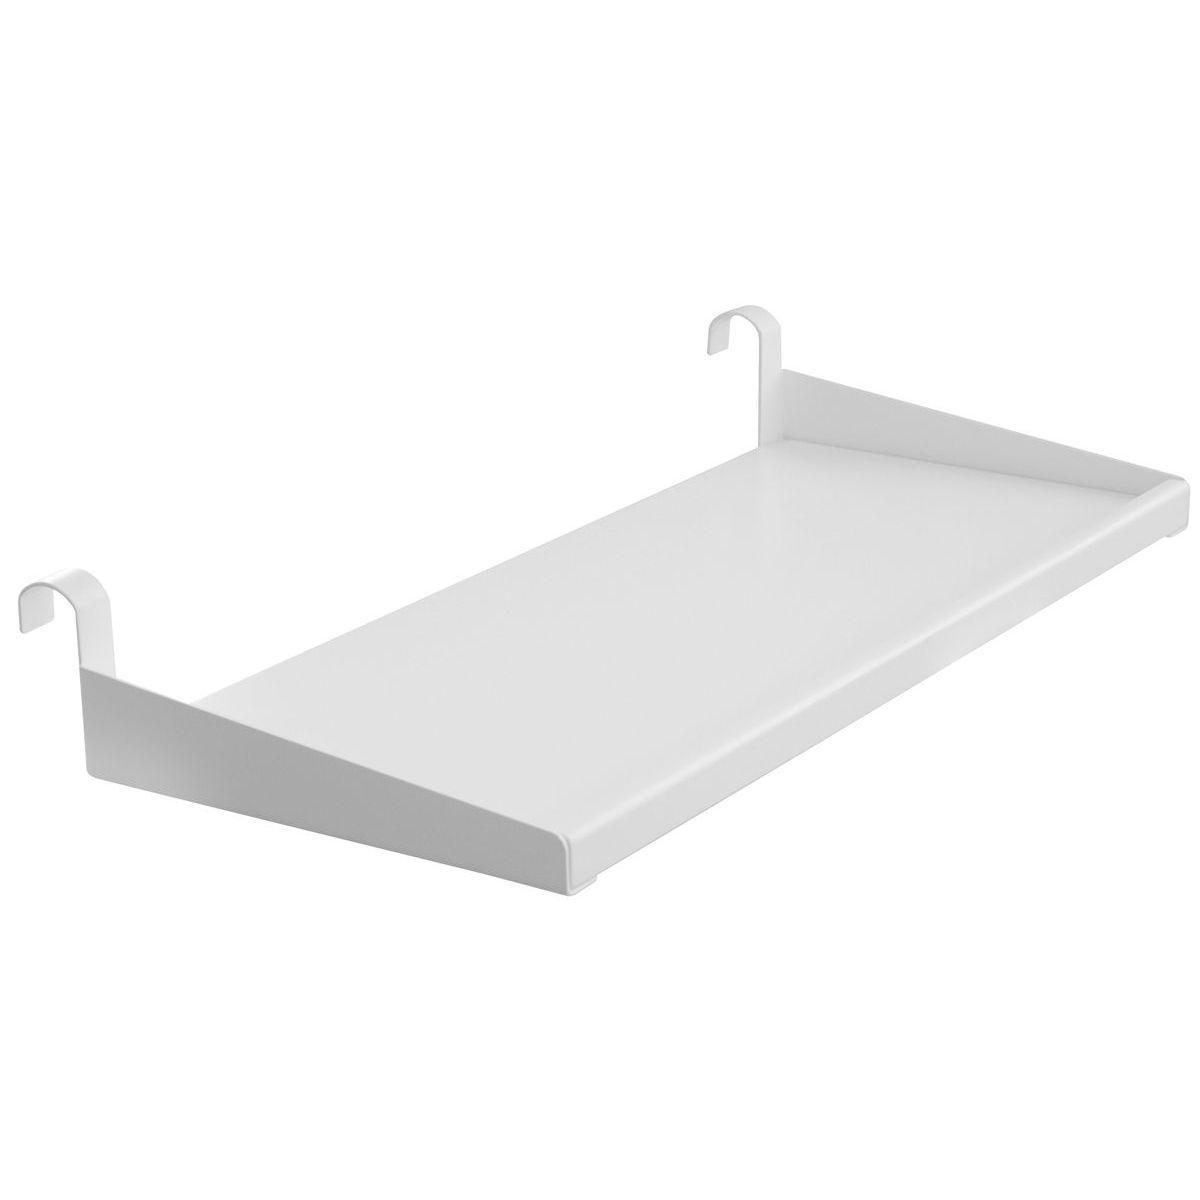 CLASSIC by Flexa Chevet à suspendre en métal blanc